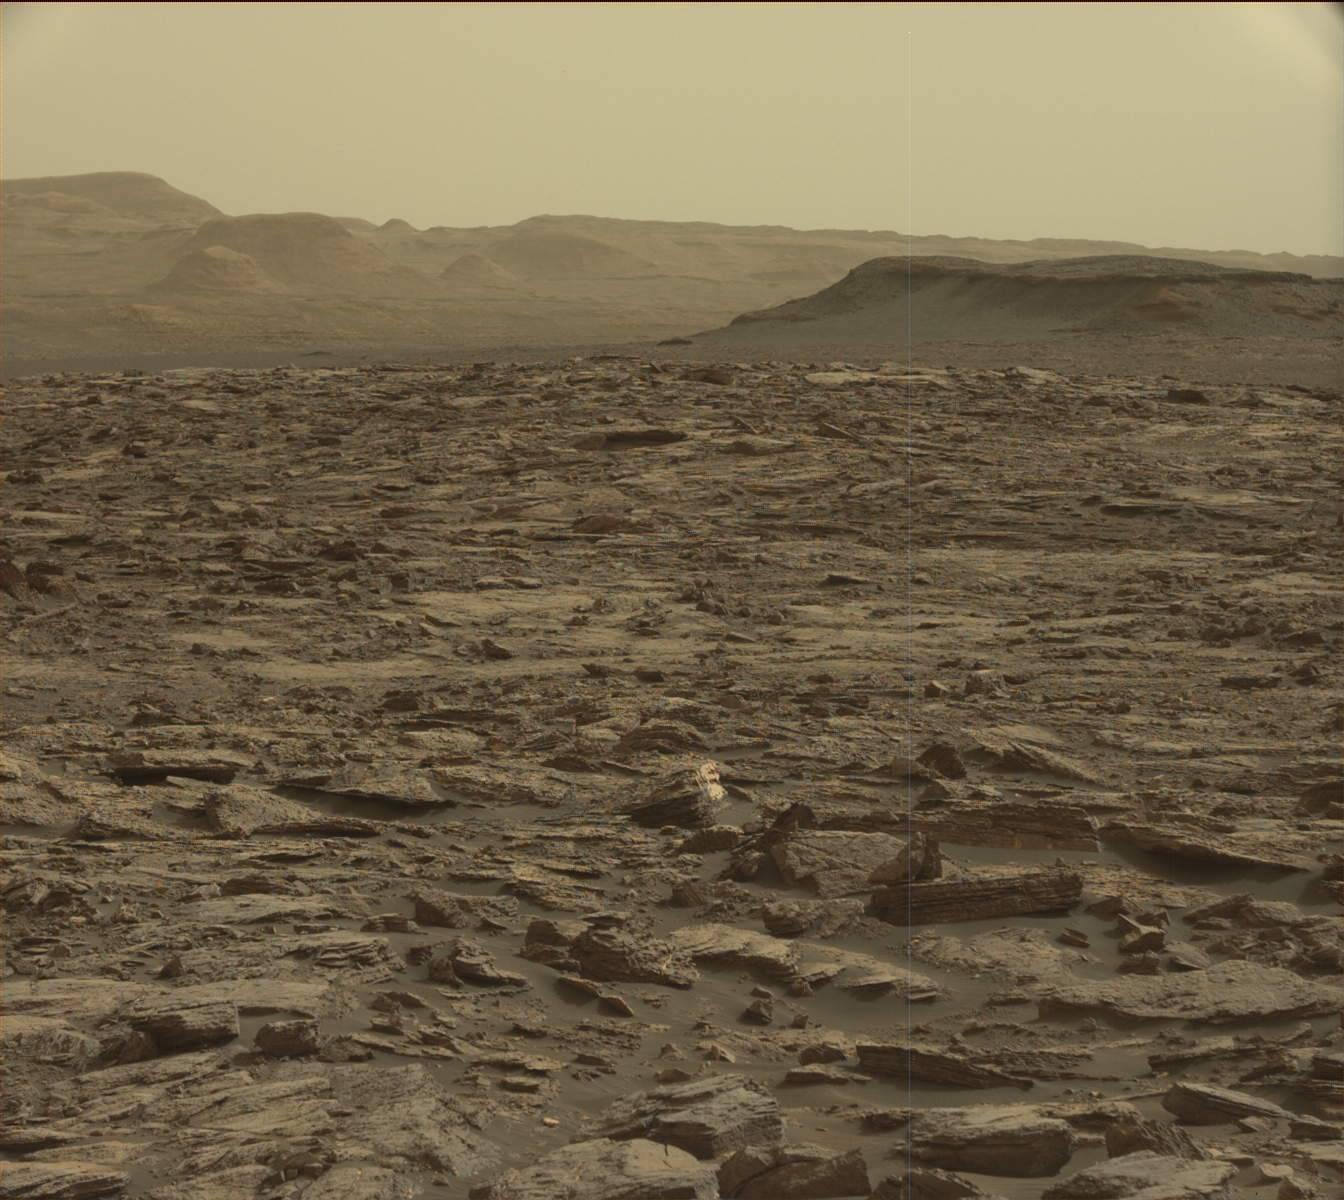 jpl mars rover curiosity - photo #13